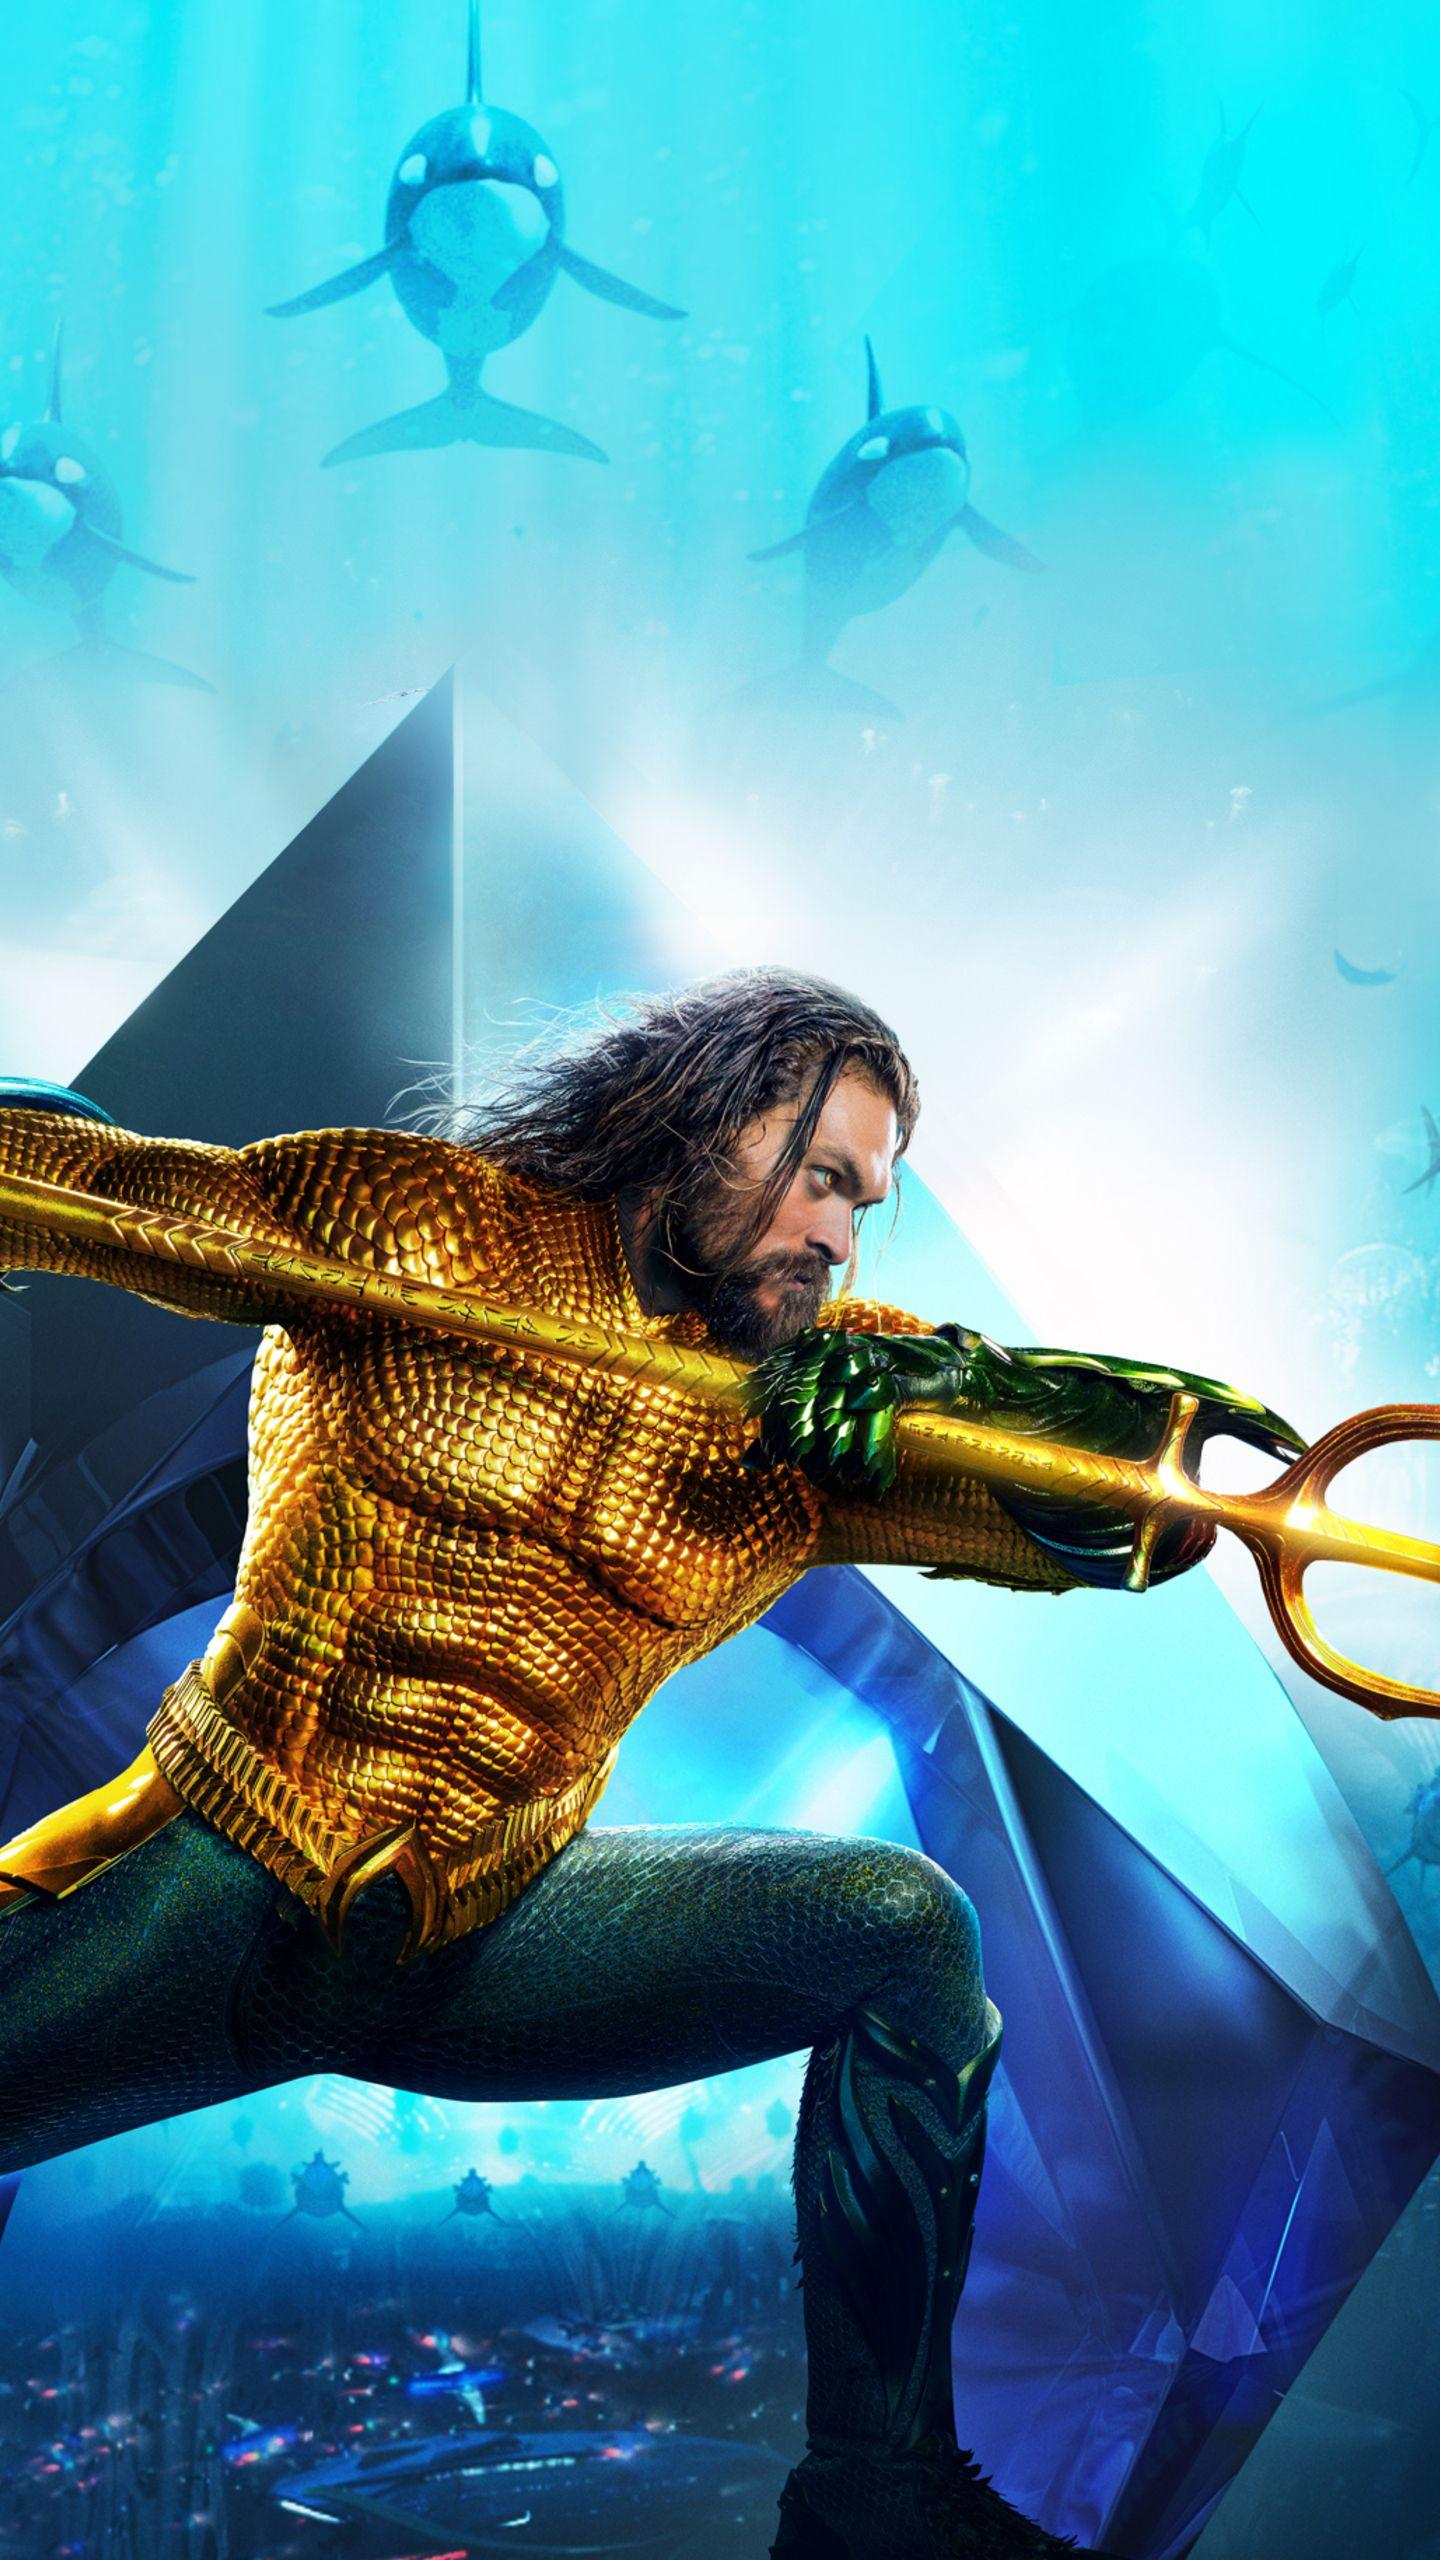 Aquaman Wallpaper Aquaman Superhero Aquaman Film